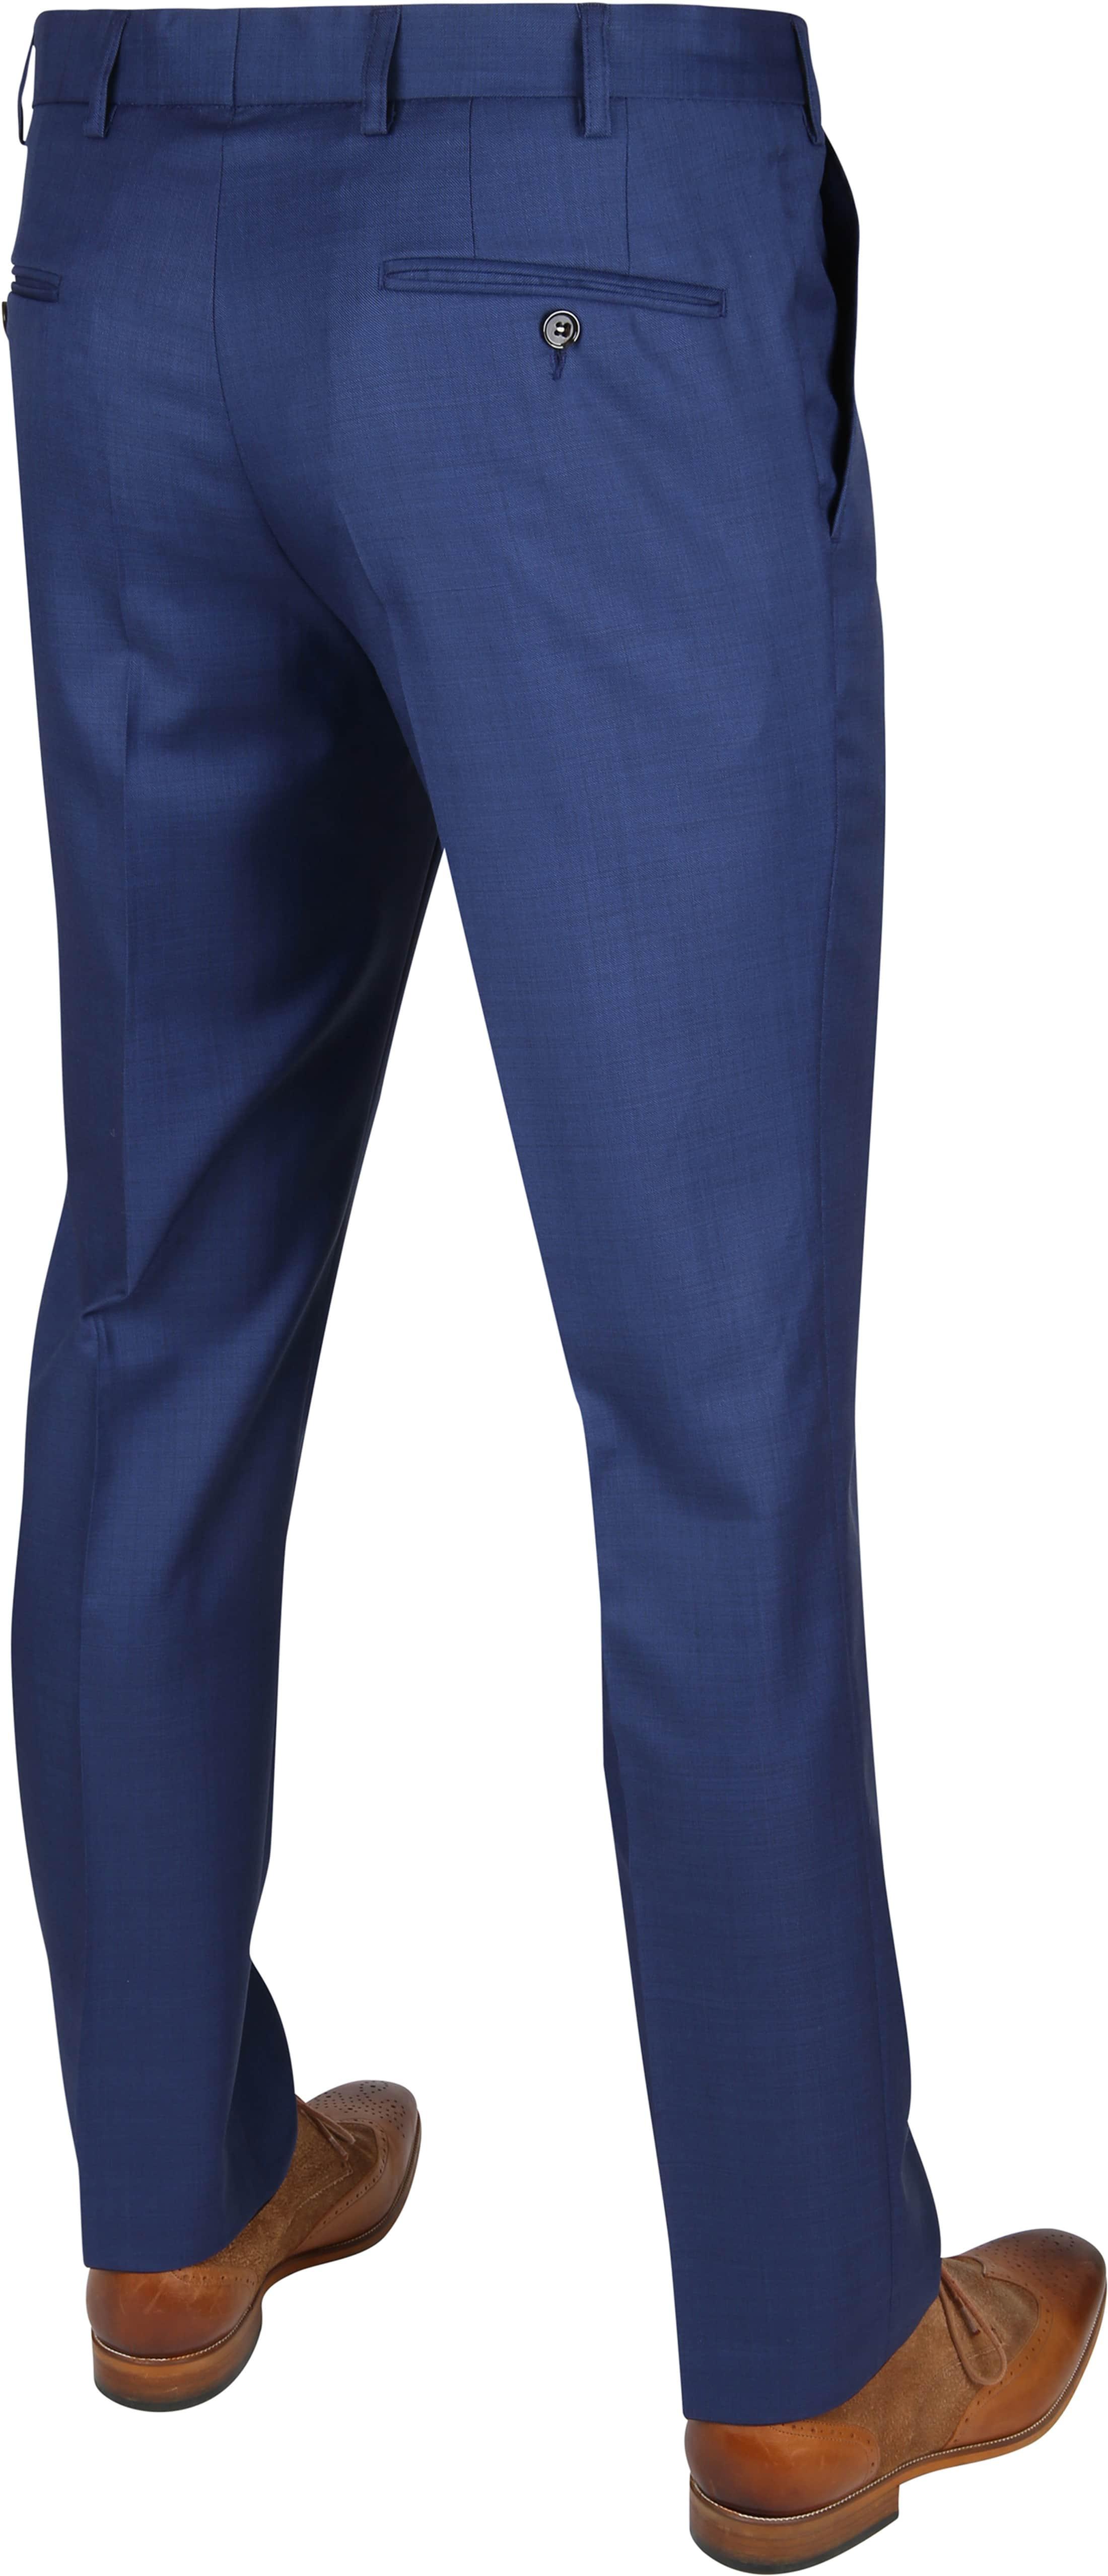 Suitable Pantalon Evans Blau Foto 3